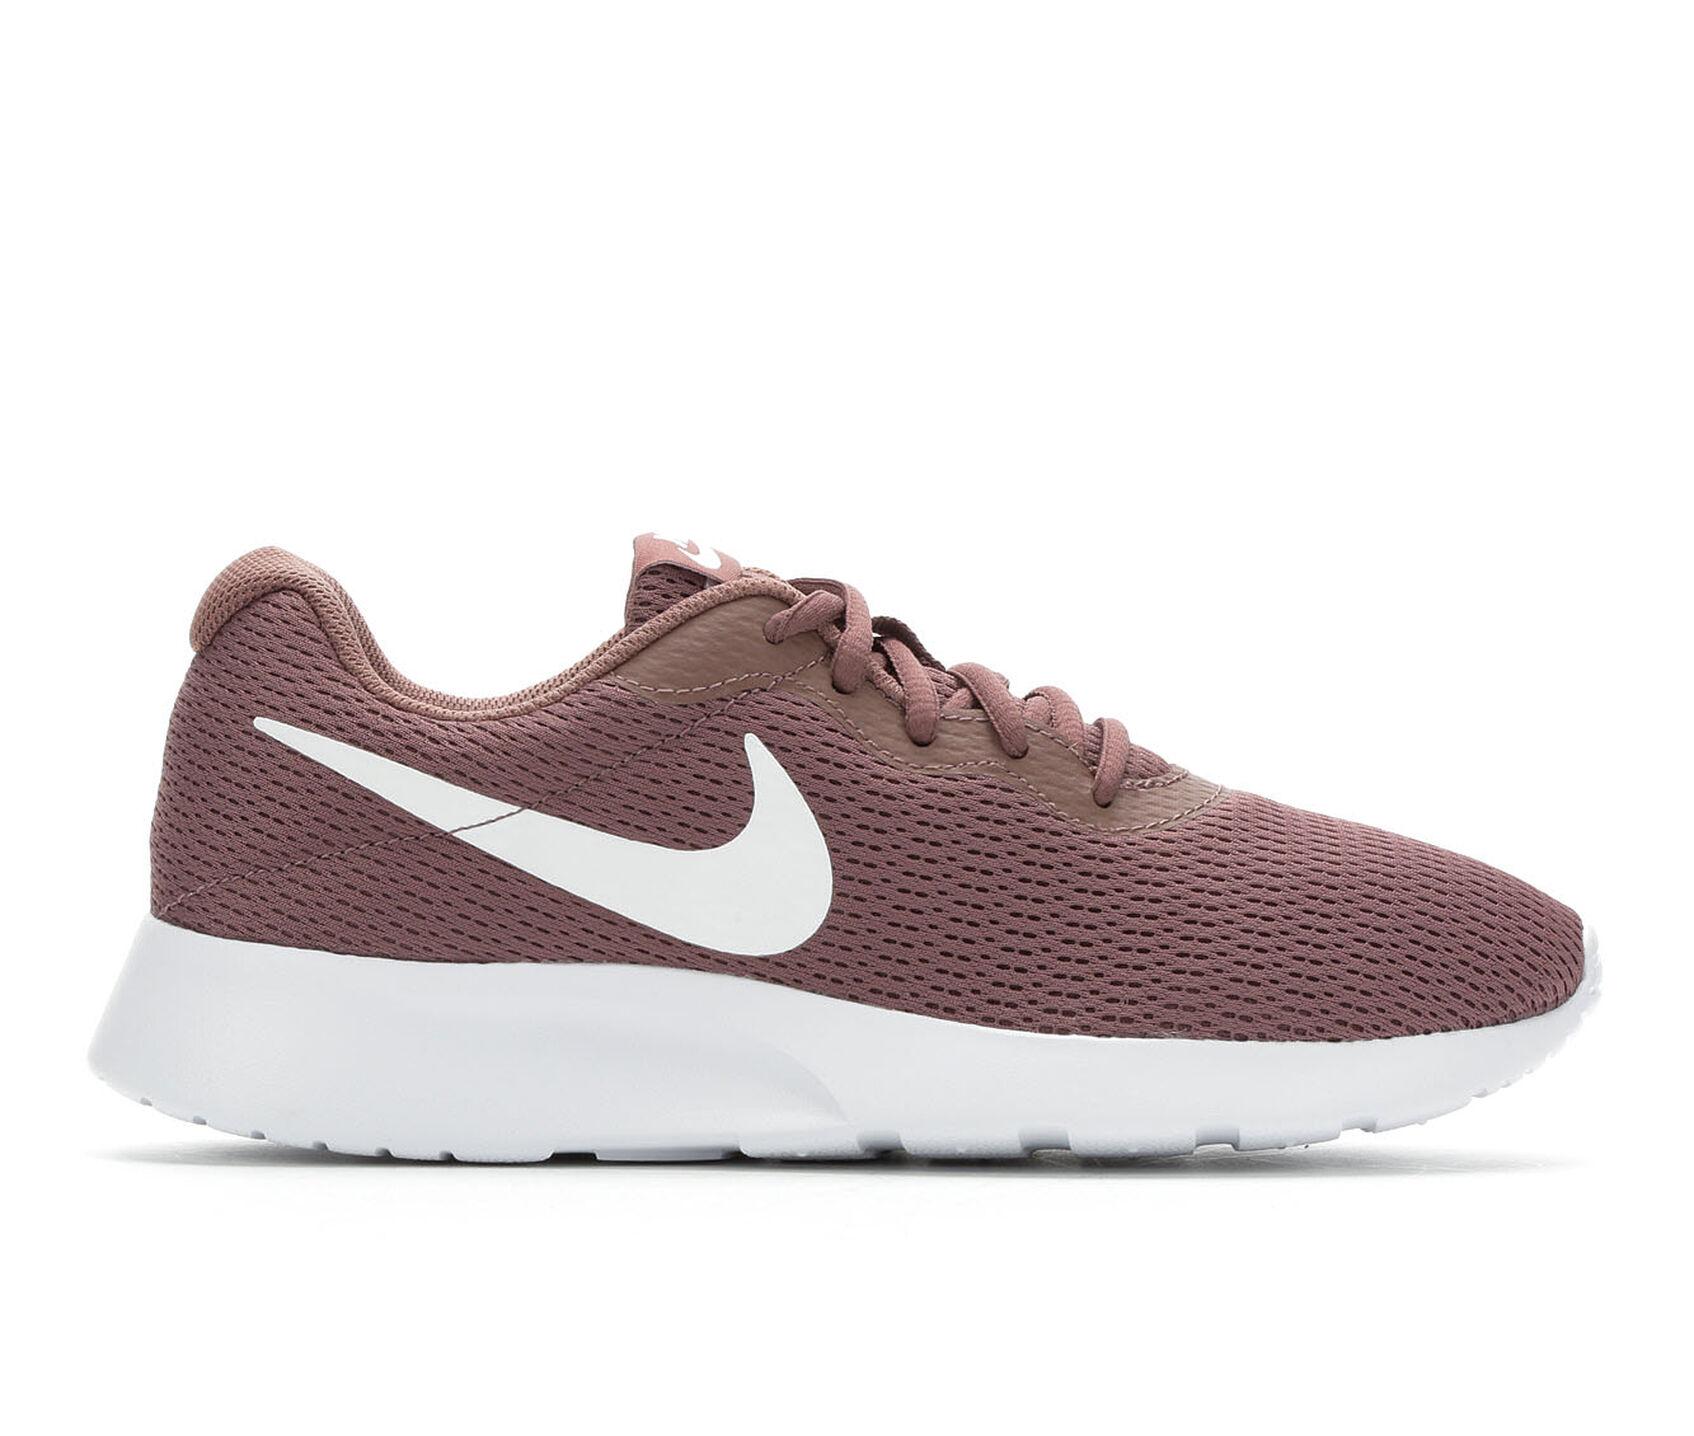 free shipping 7c1a6 b9e16 Women s Nike Tanjun Sneakers   Shoe Carnival